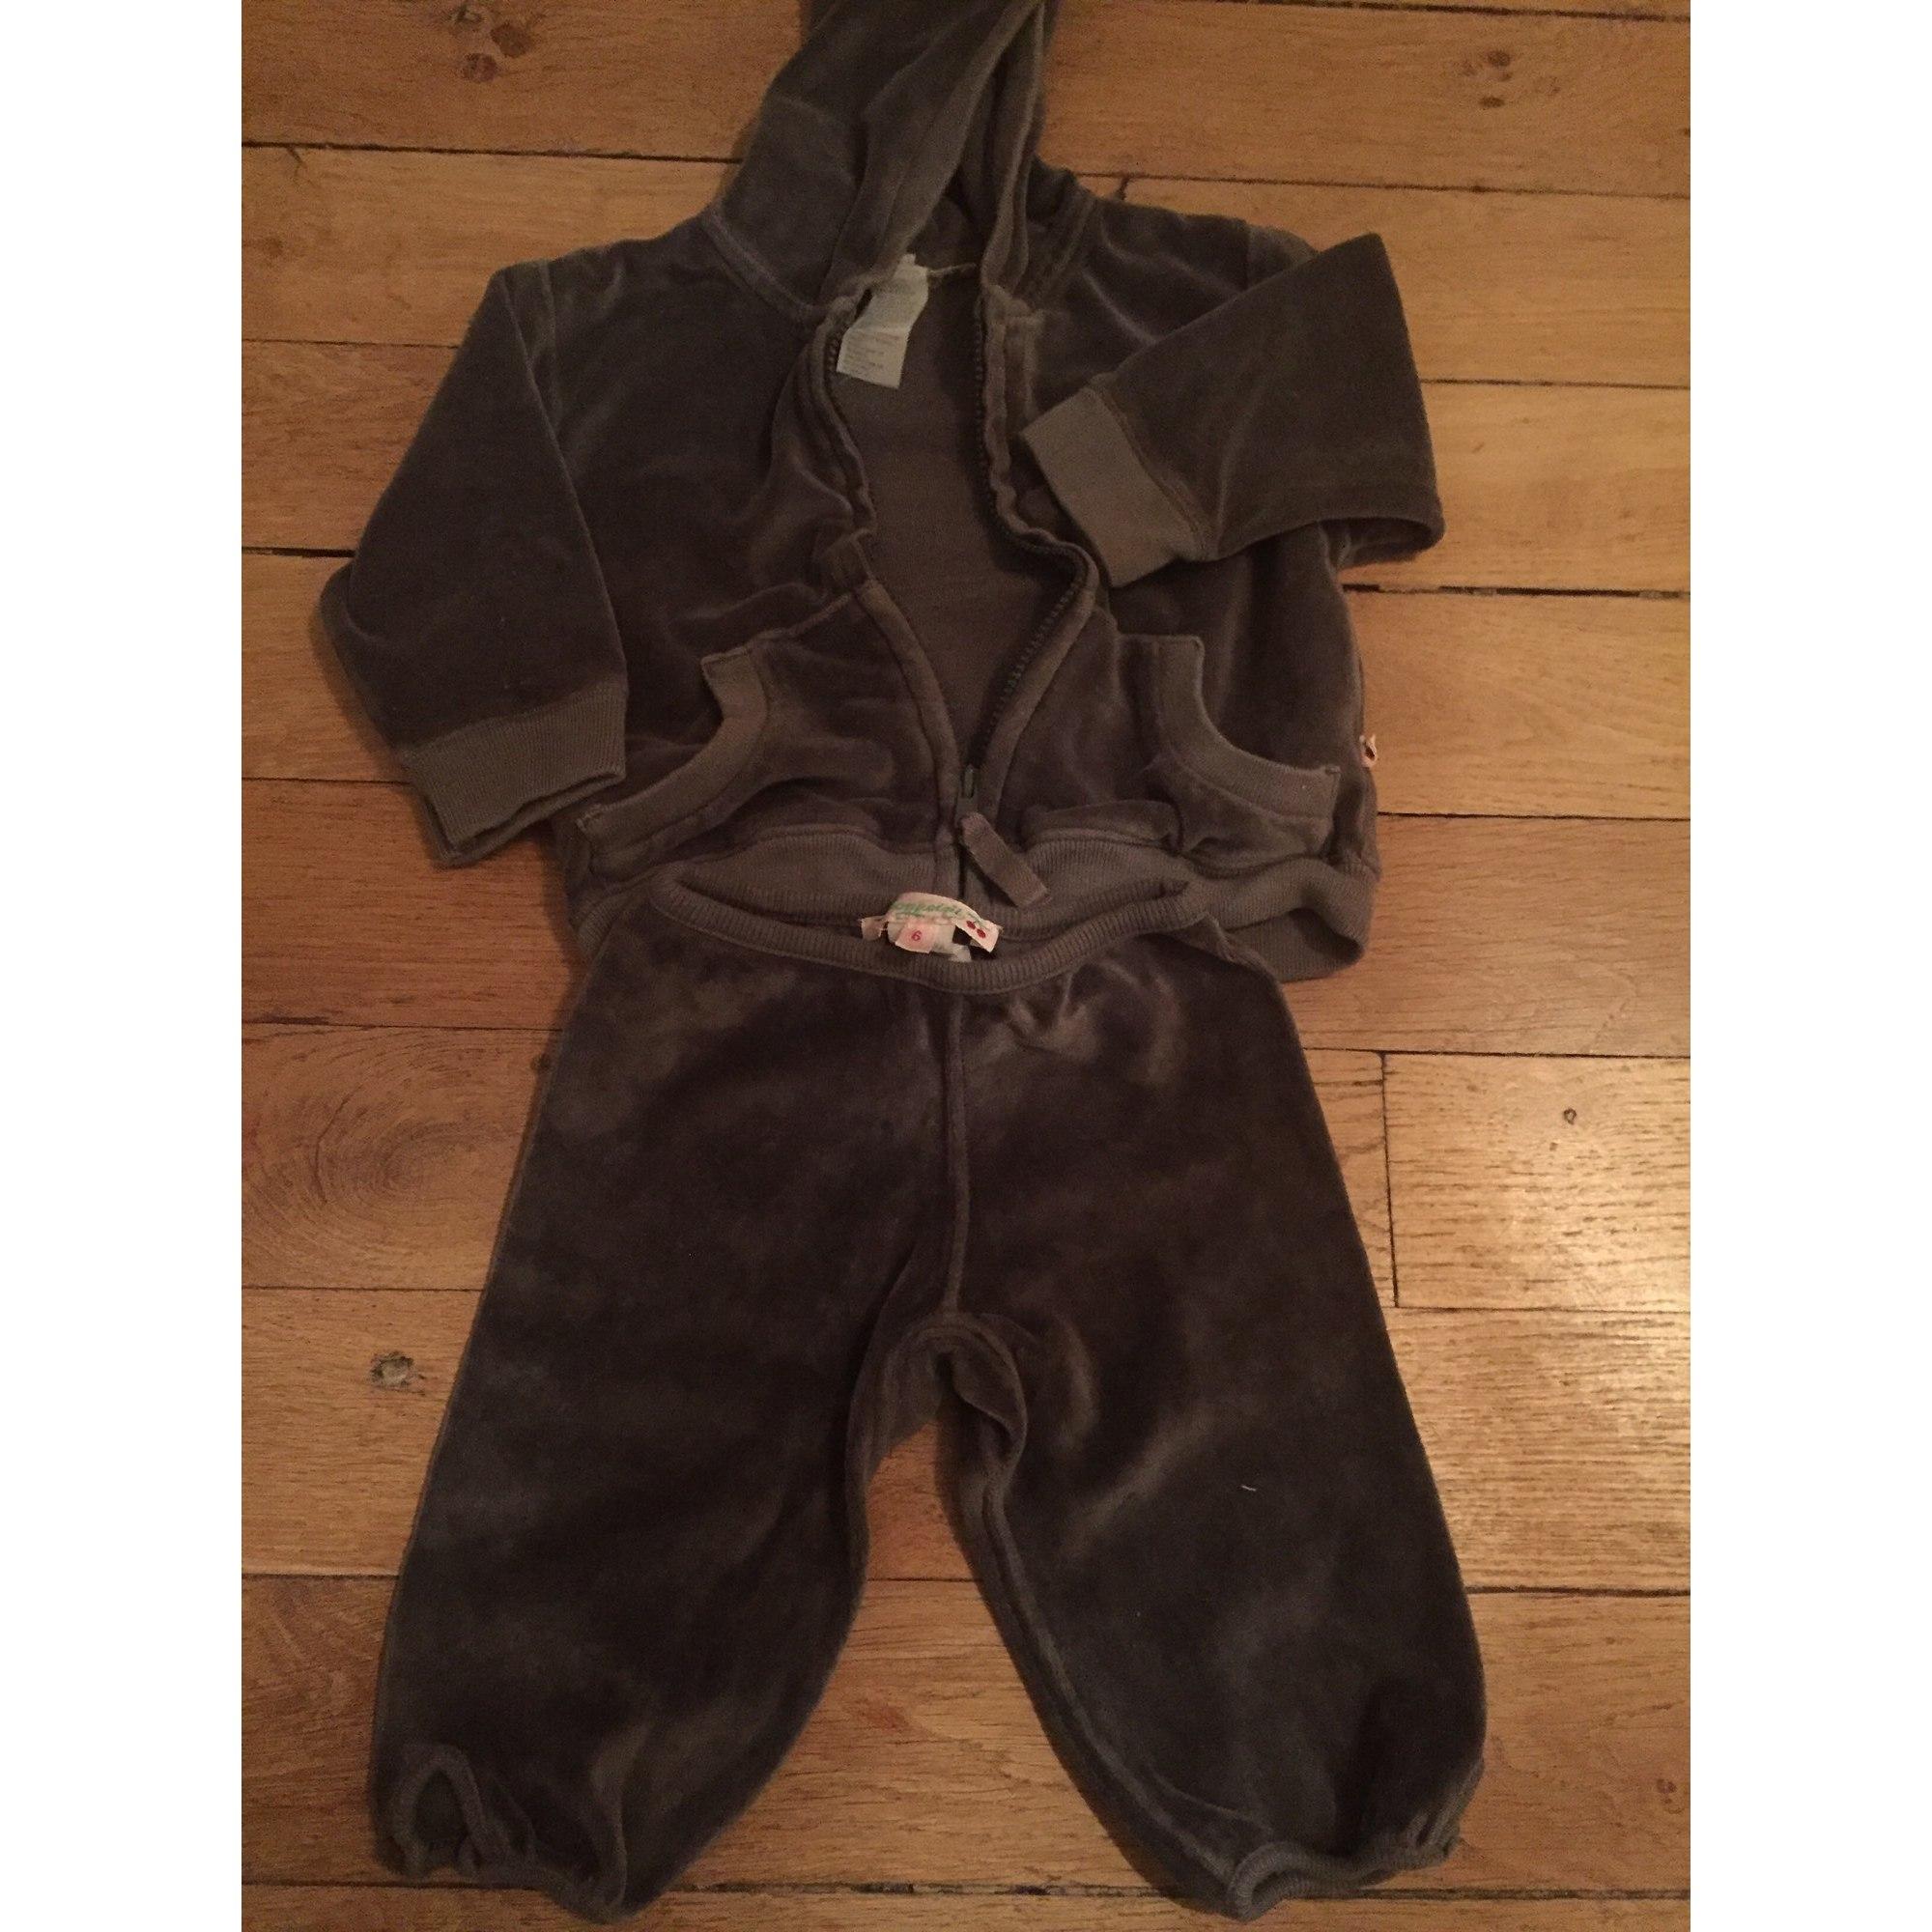 Ensemble & Combinaison pantalon BONPOINT Gris, anthracite